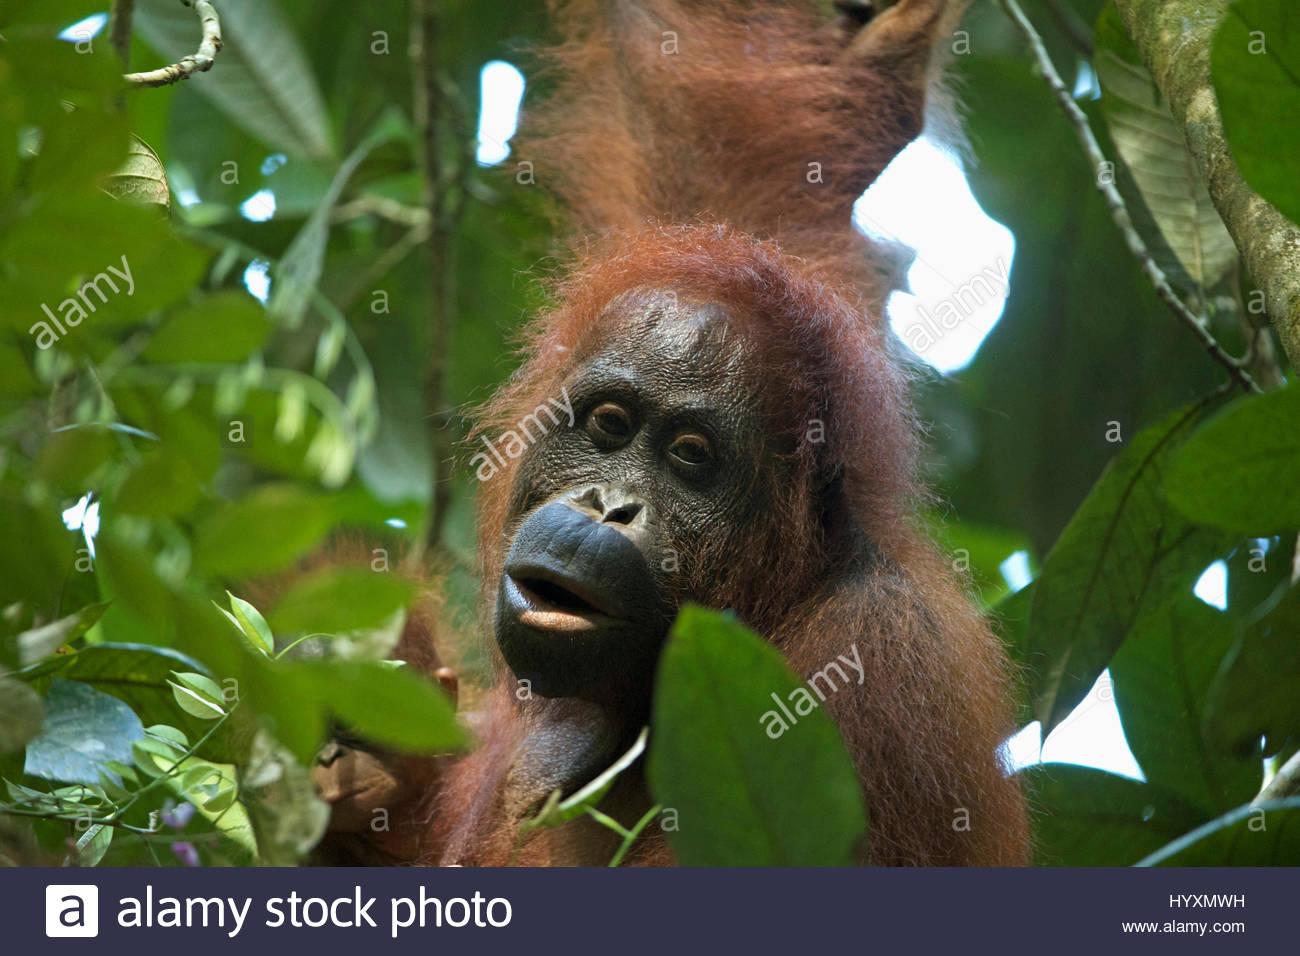 A female Bornean orangutan, Pongo pygmaeus wurmbii, with infant. - Stock Image